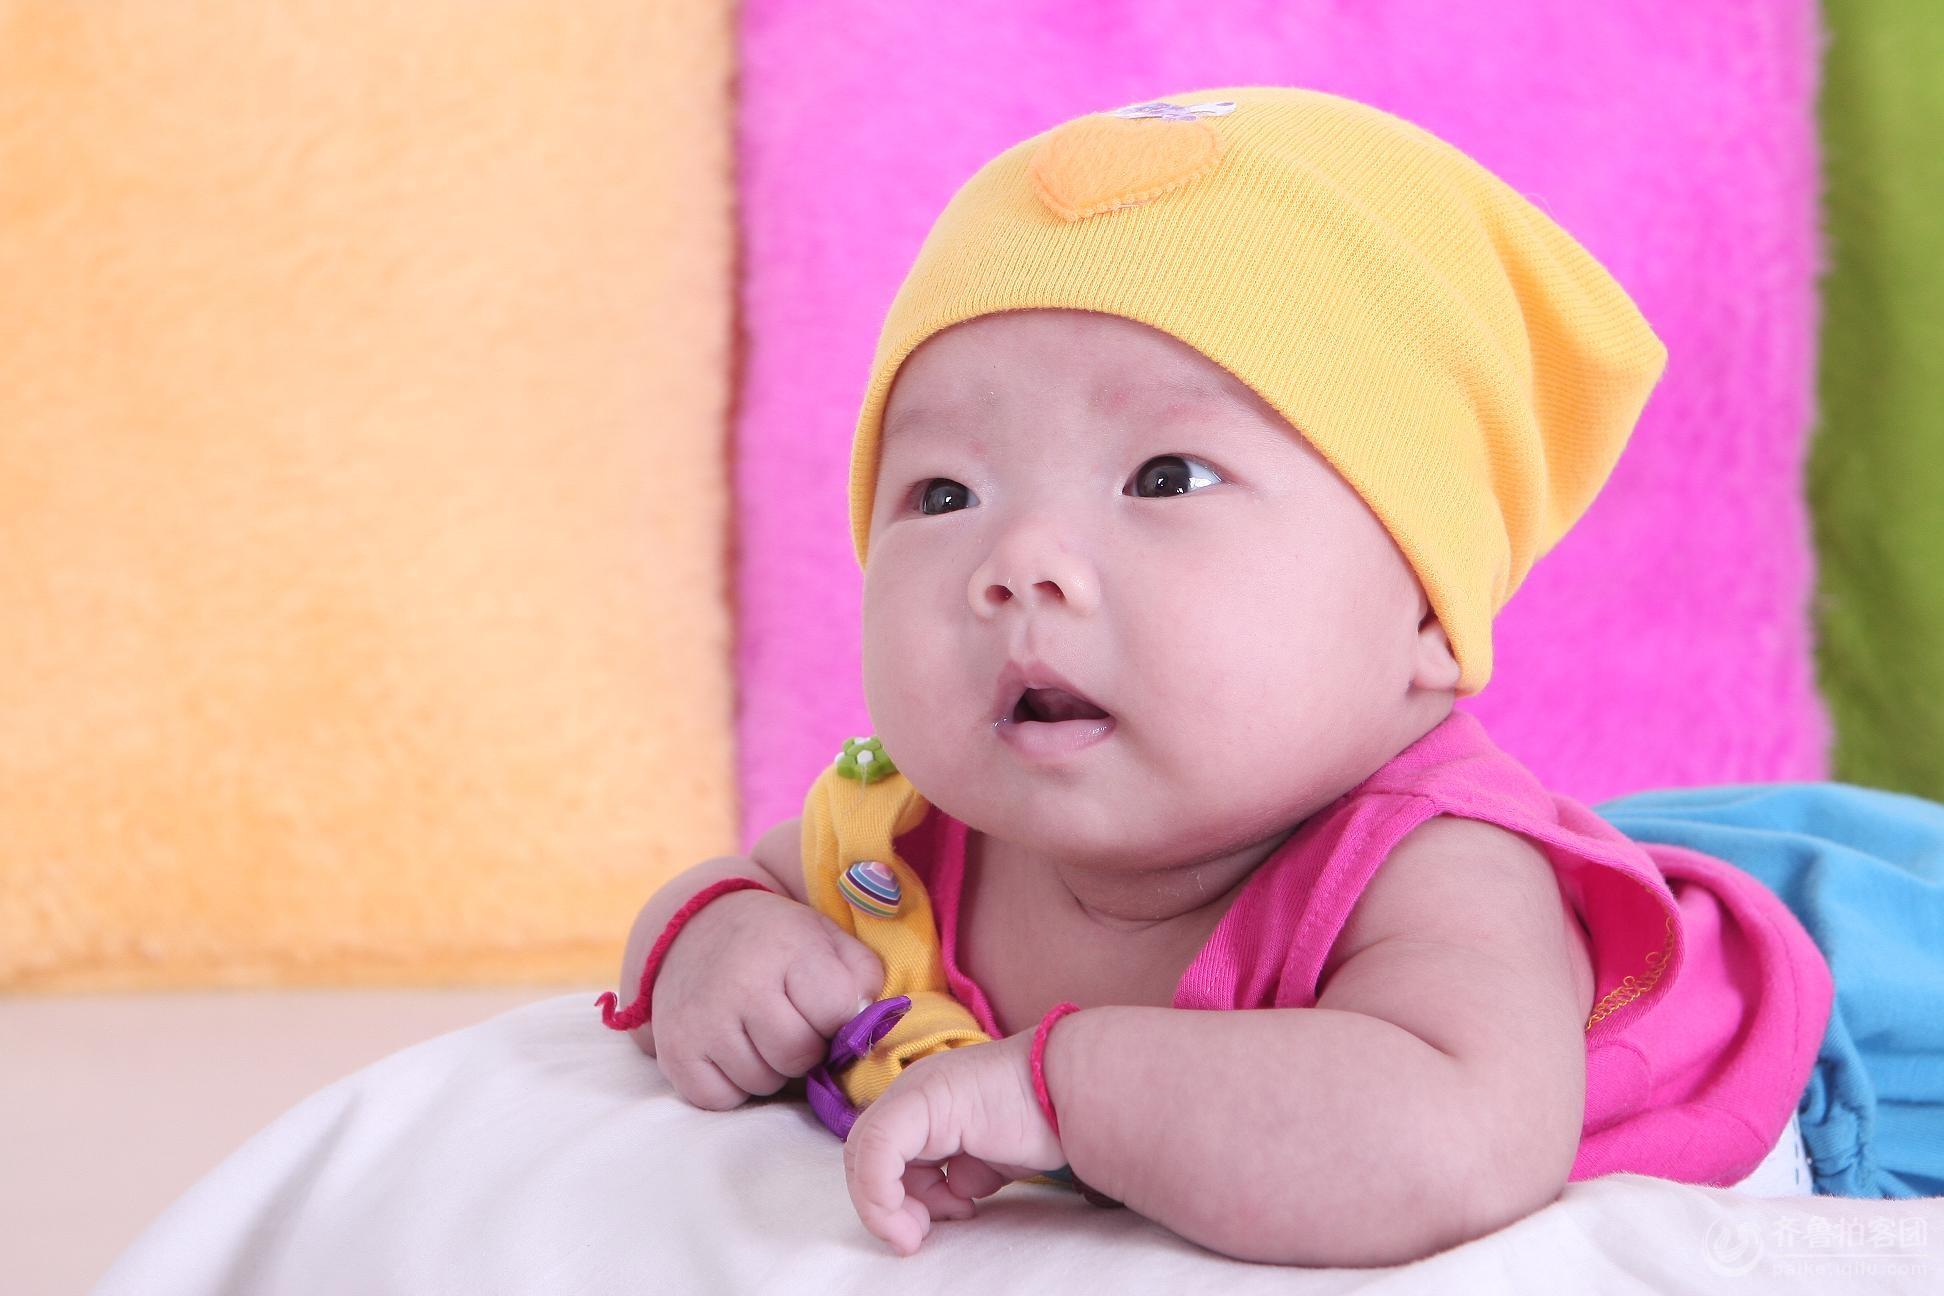 宝宝 壁纸 儿童 孩子 小孩 婴儿 1944_1296